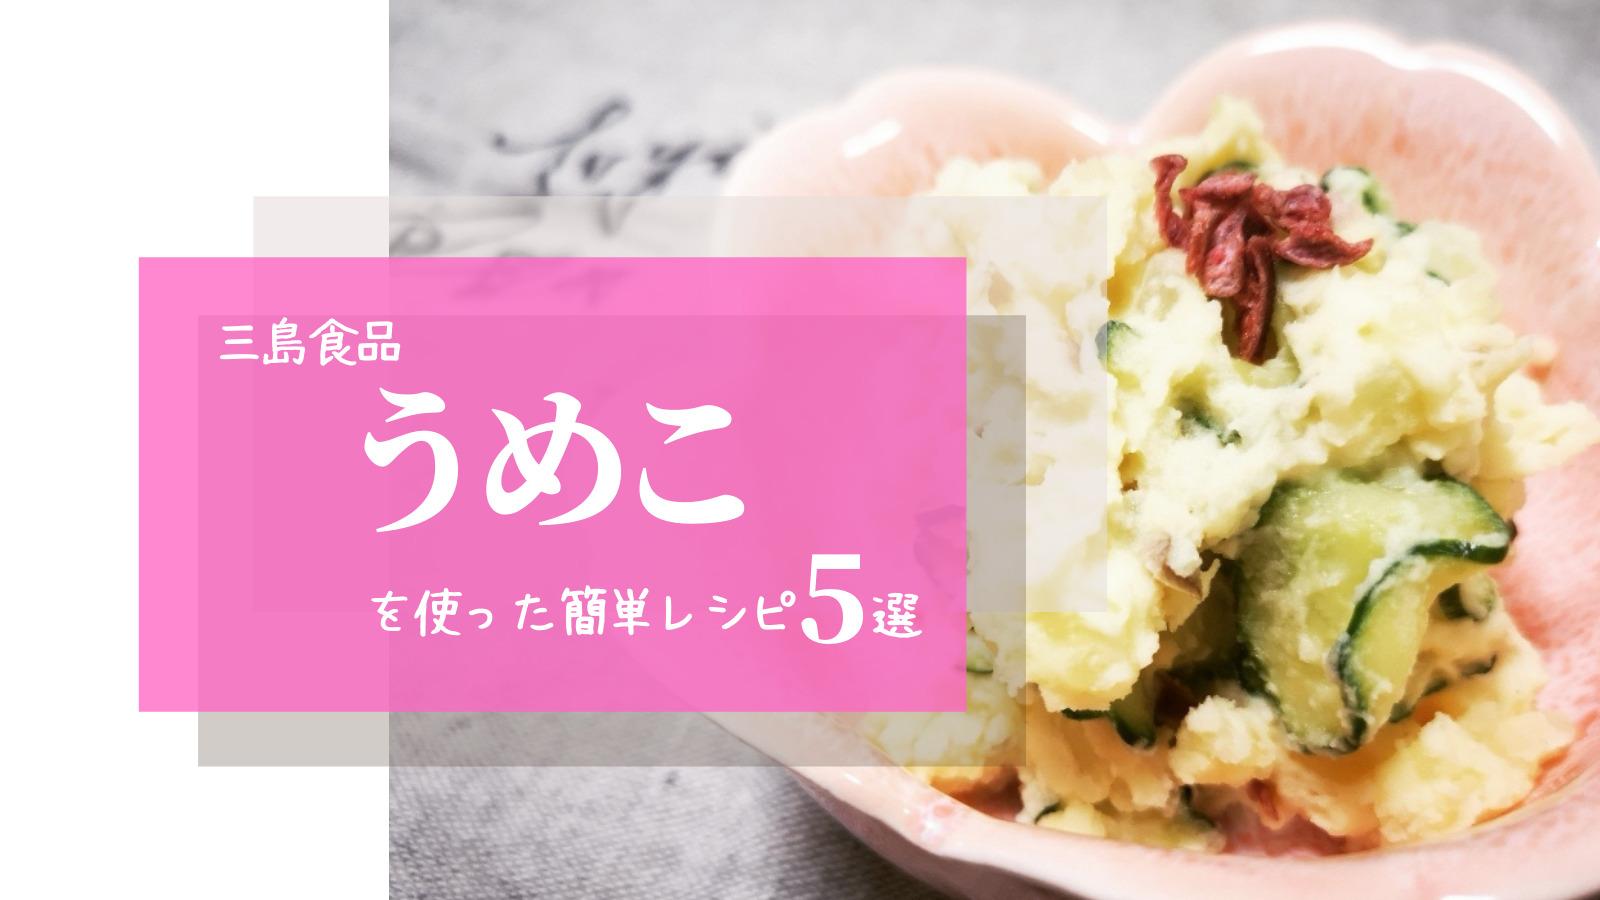 三島食品「うめこ」を使用した簡単時短レシピ 5選